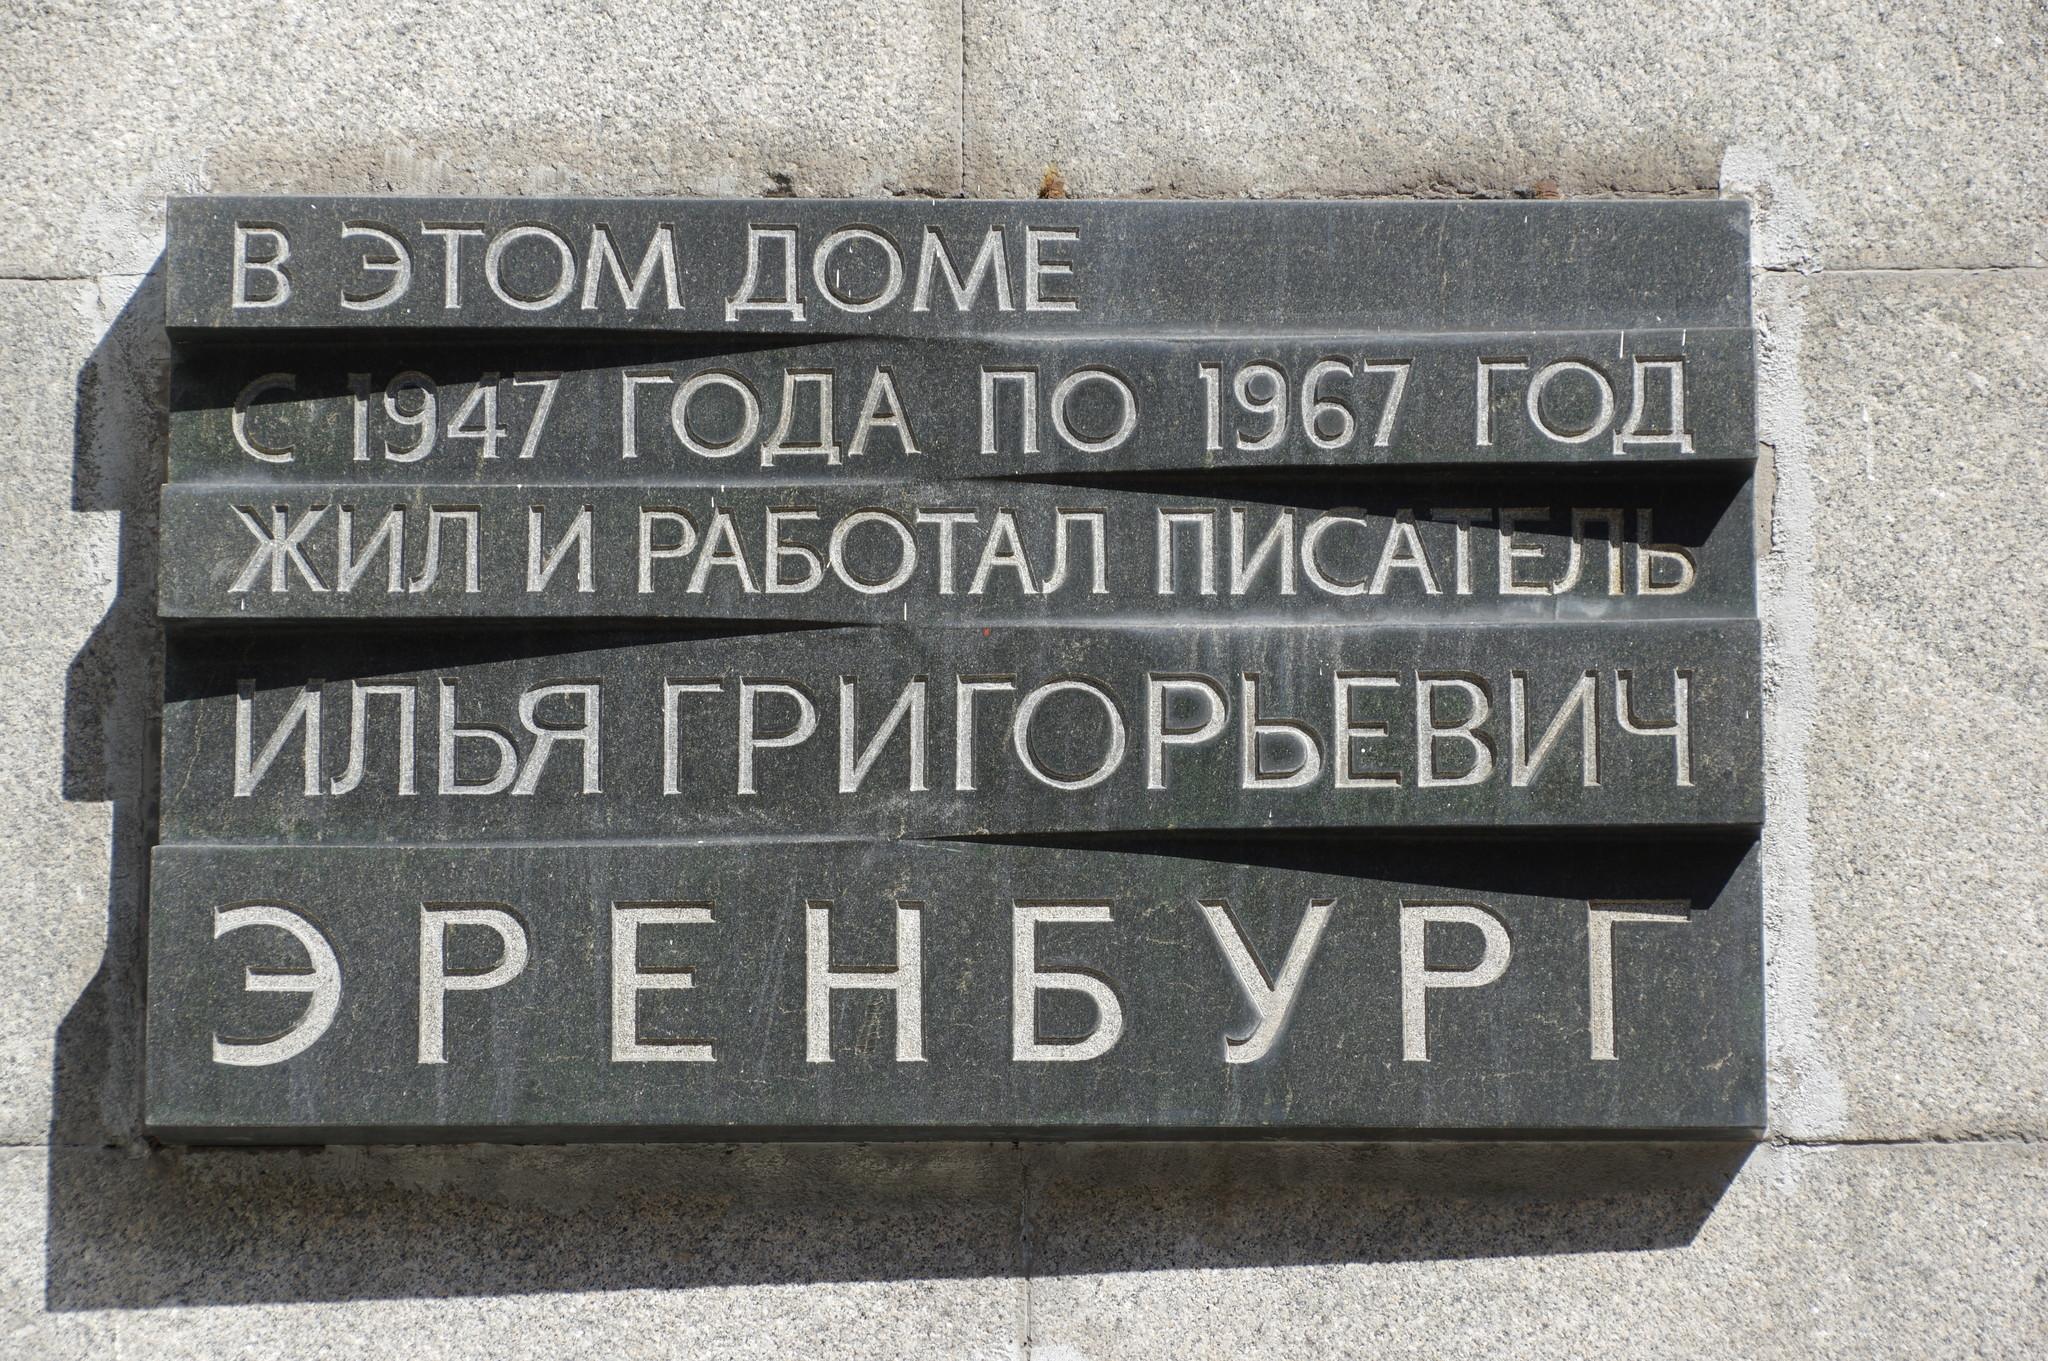 На стене здания установлена гранитная доска: «В этом доме с 1947 по 1967 год жил и работал писатель Илья Григорьевич Эренбург». Автор памятника - архитектор А.Н. Щепетильников. (Тверская улица, дом 8)